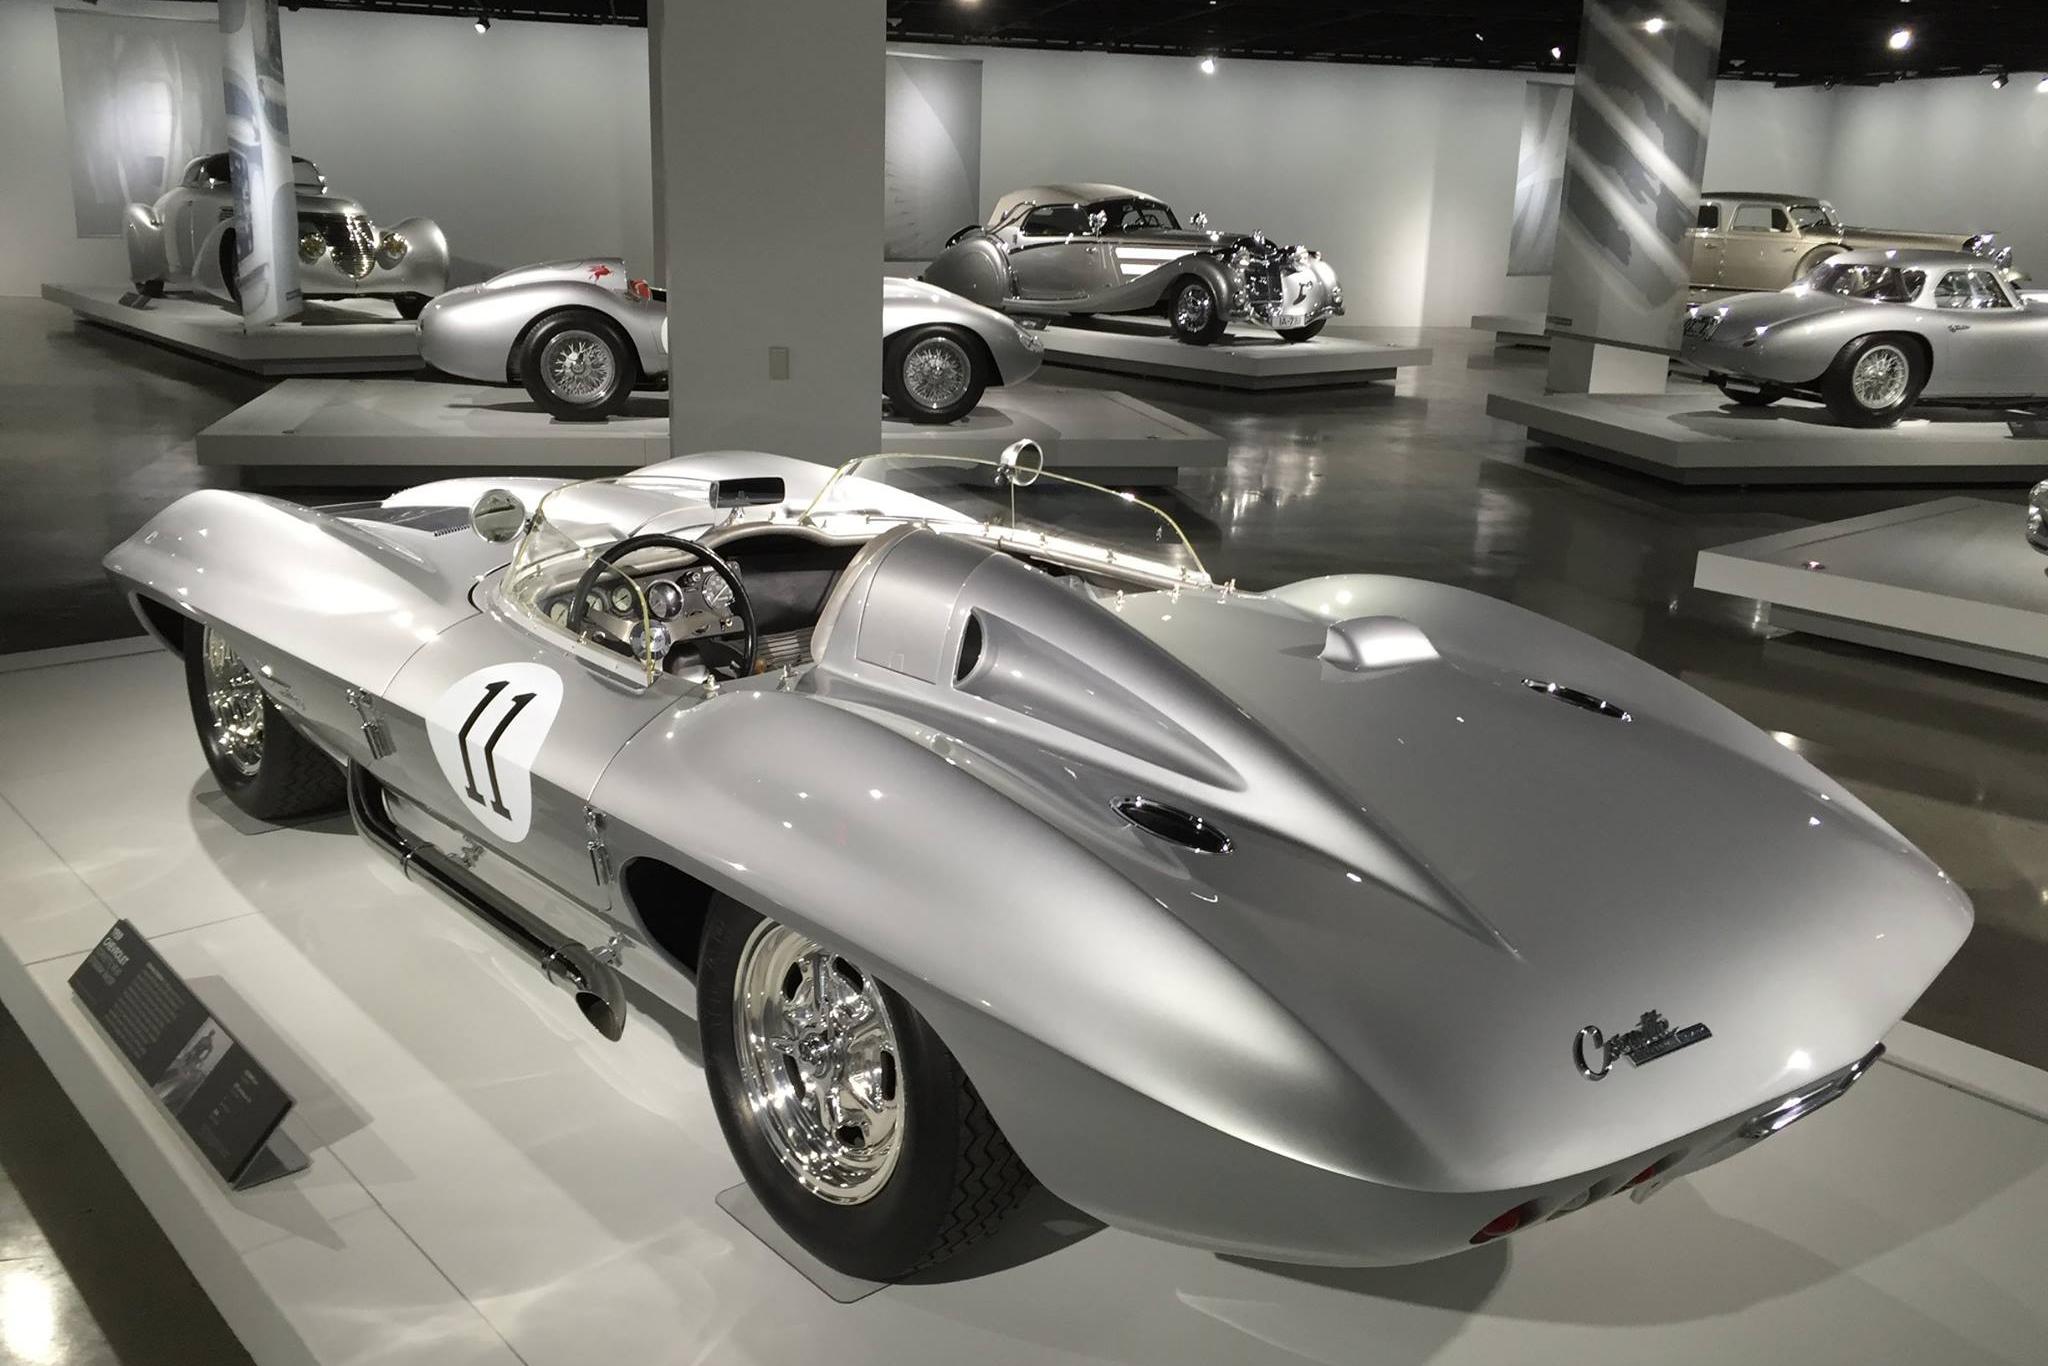 best car museums Petersen automotive museum, Los Angeles